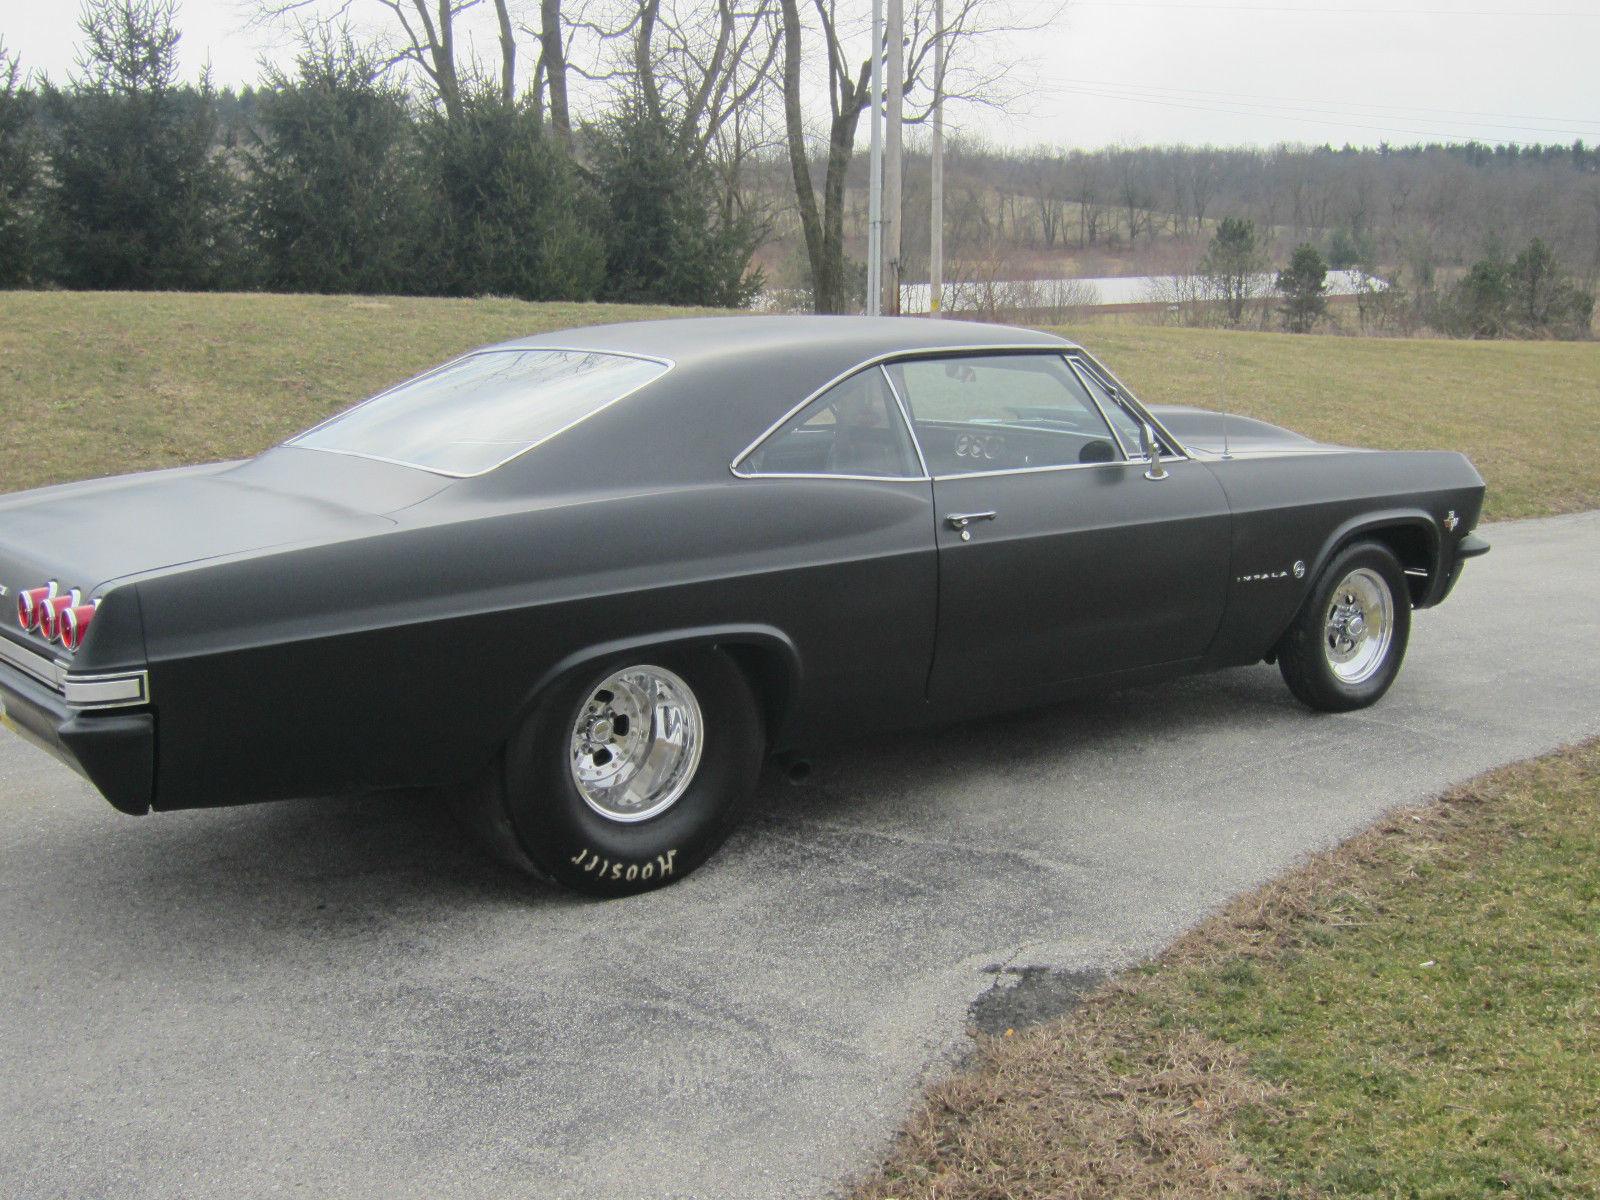 Kelebihan Kekurangan Impala 65 Tangguh